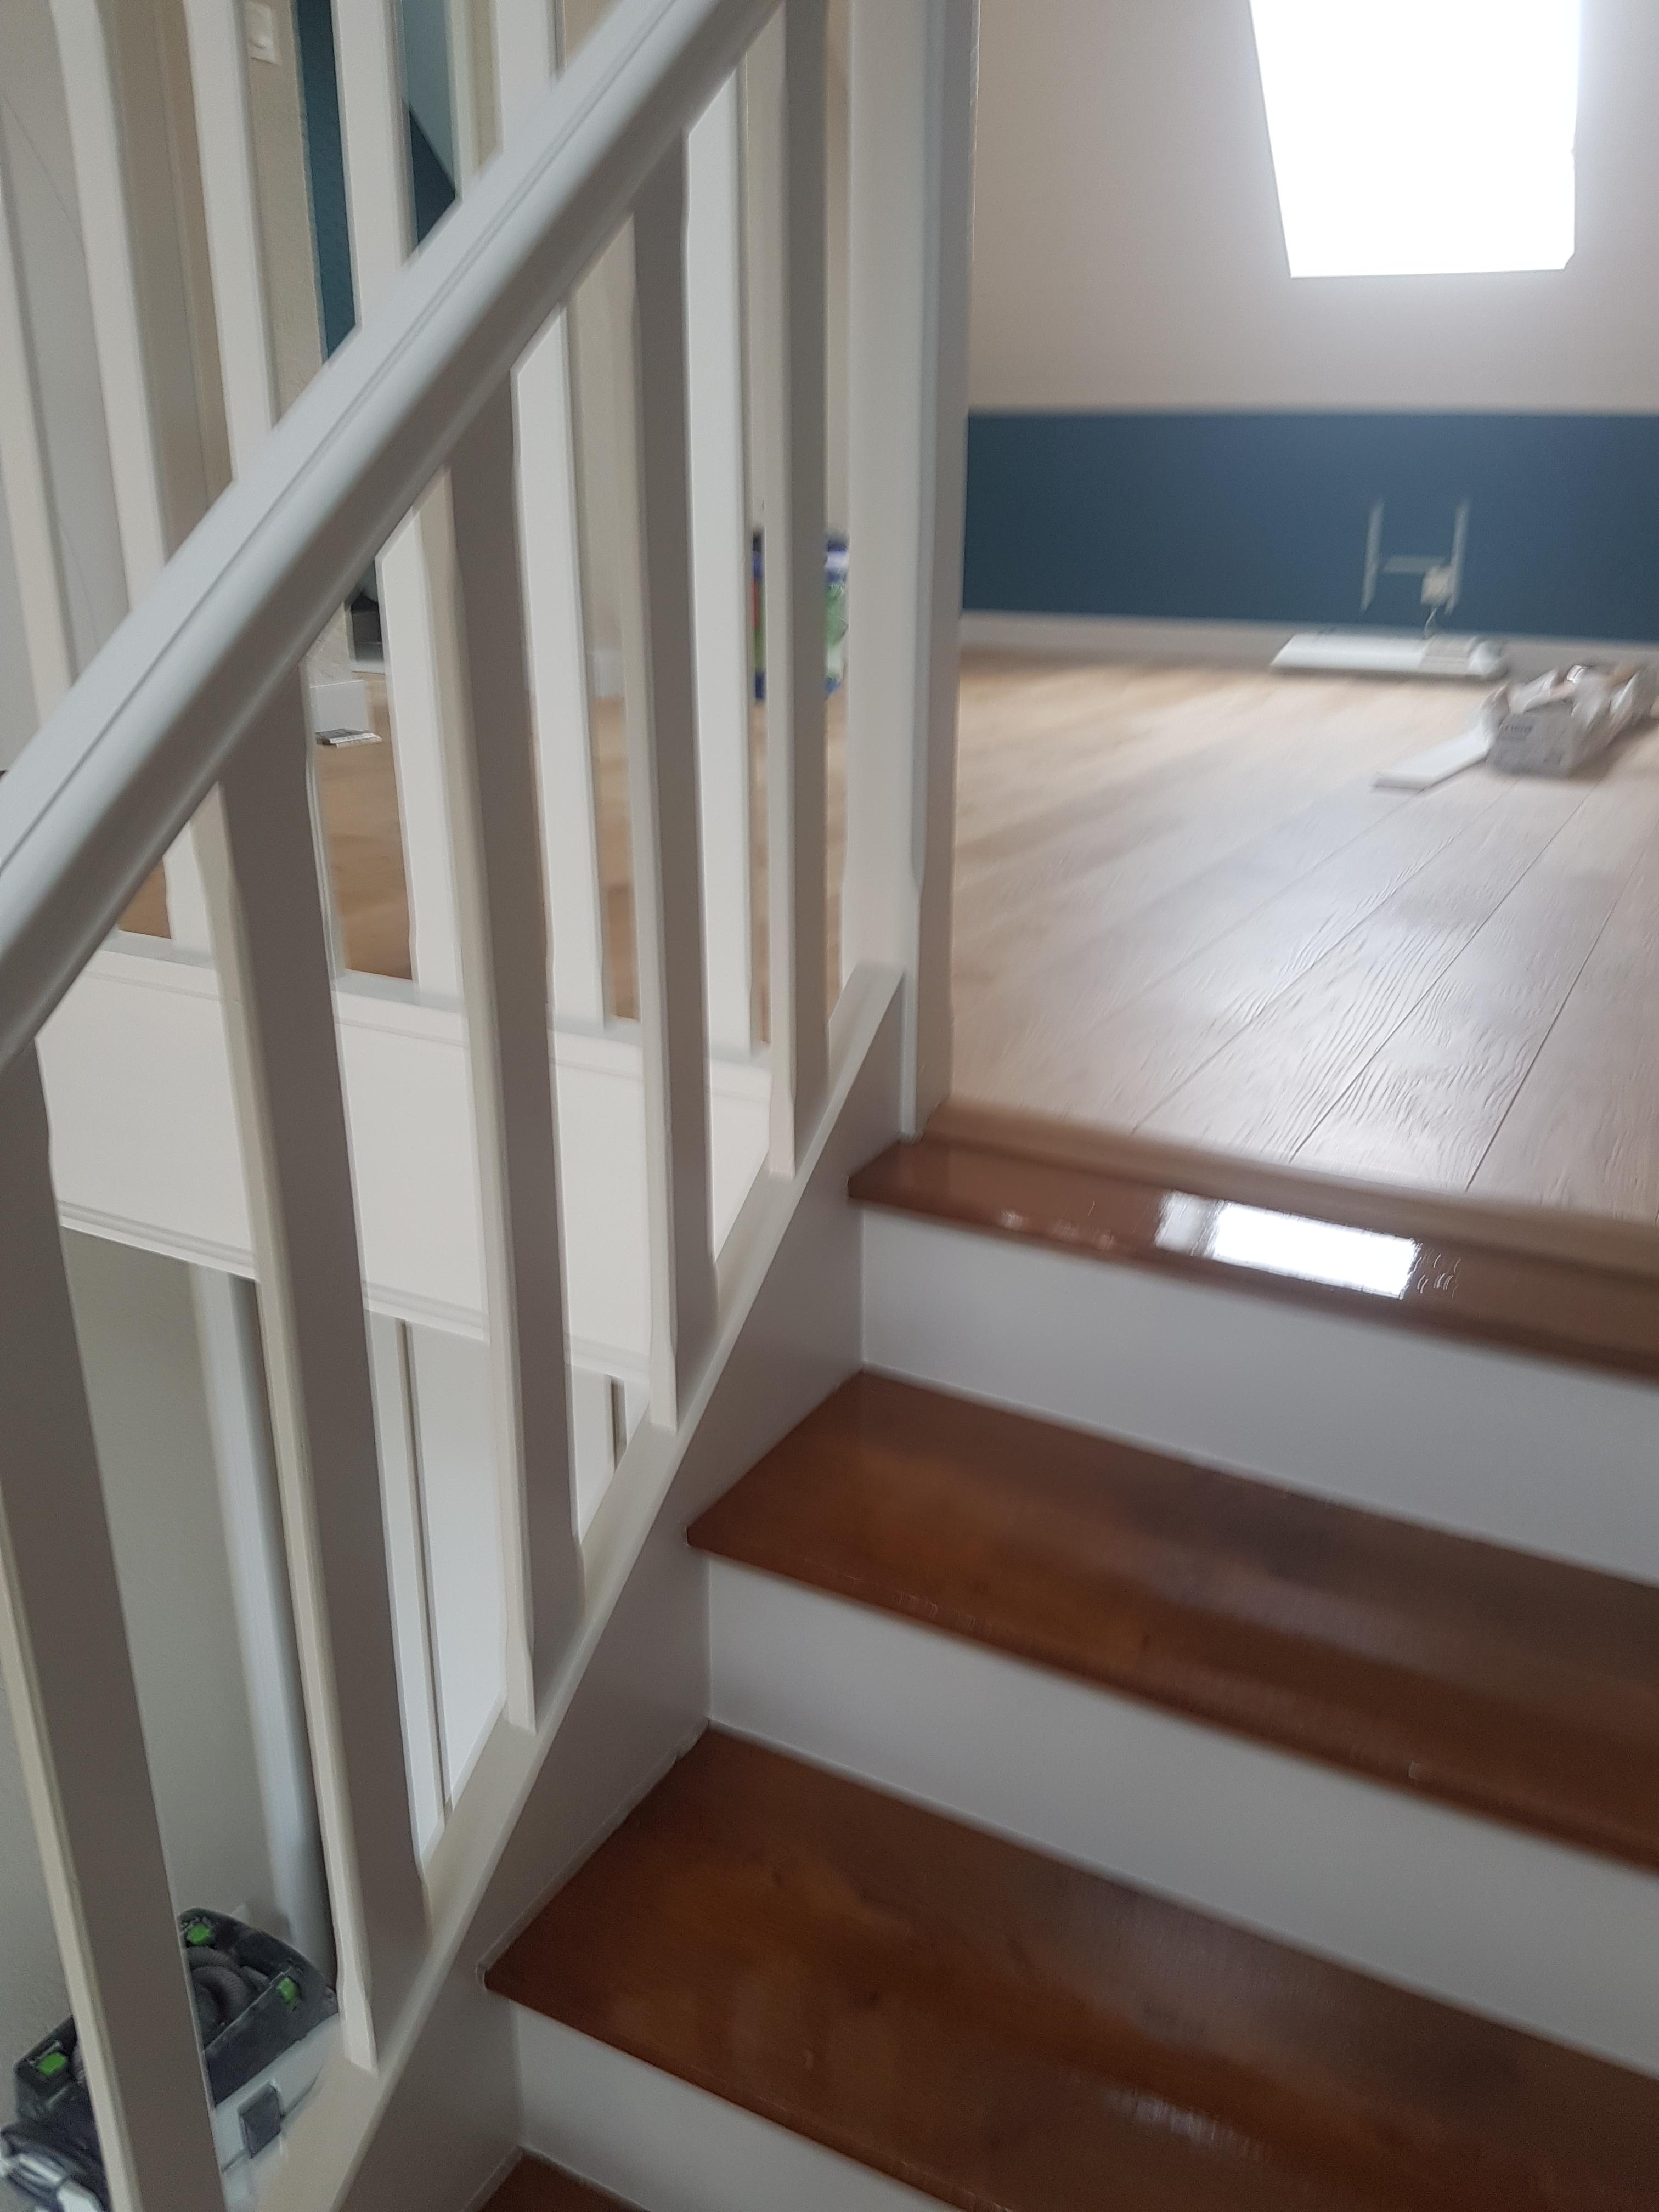 Vitrificateur Escalier Apres Peinture rénovation d'escalier